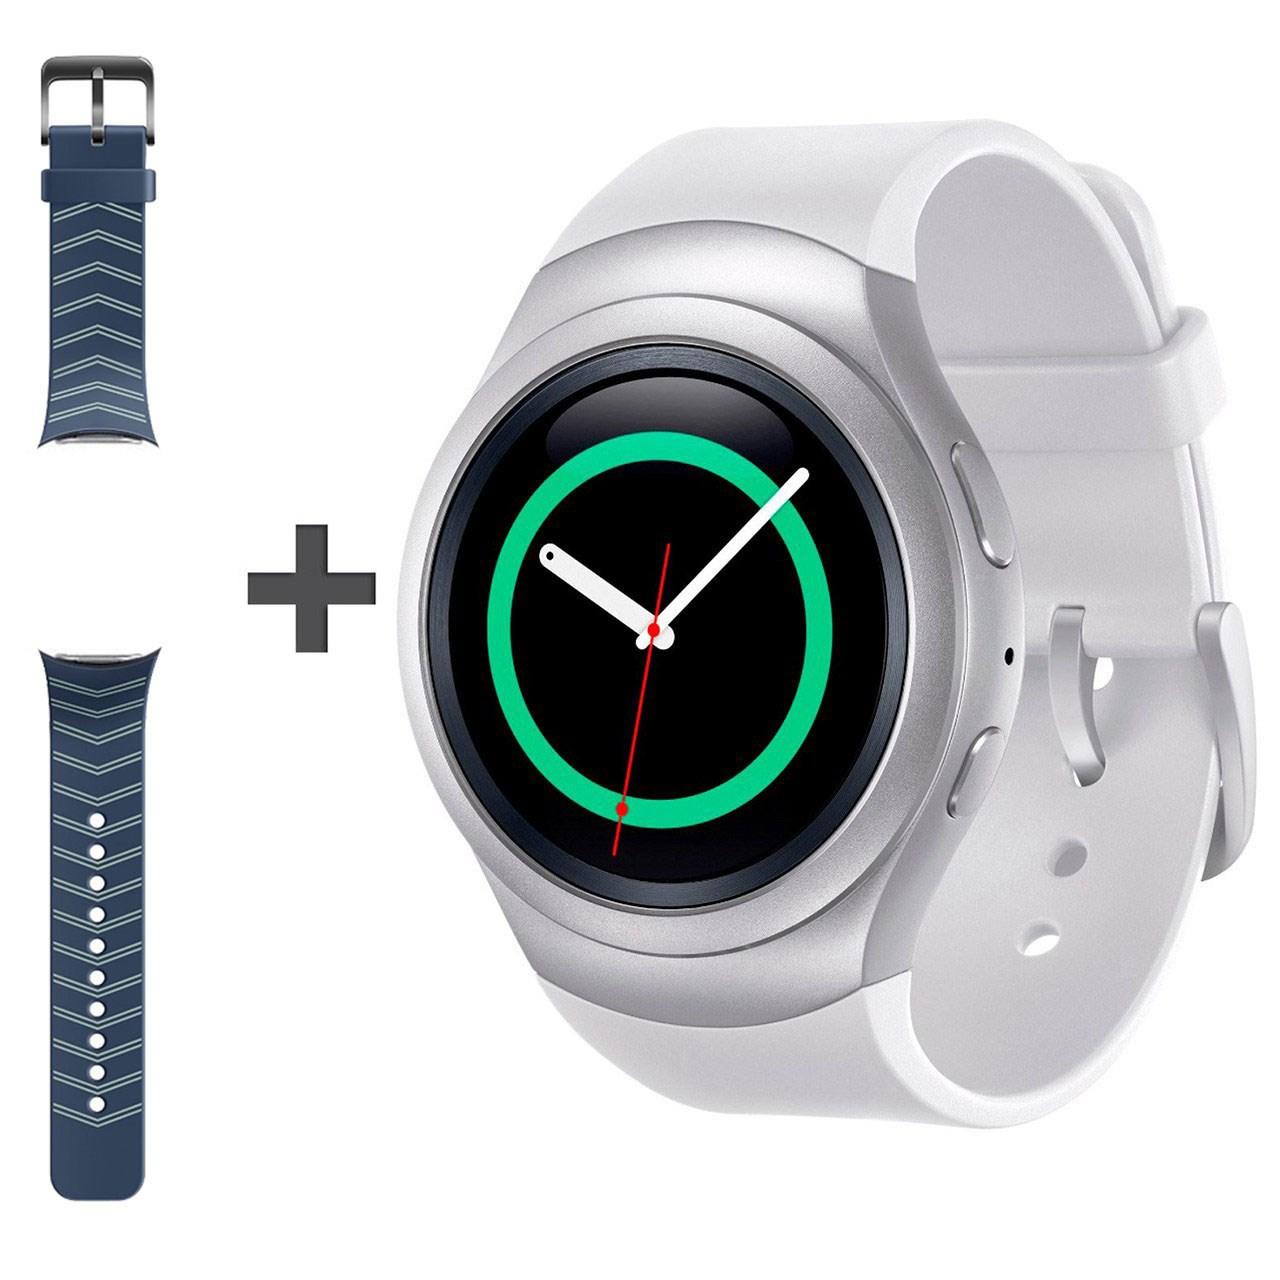 ساعت هوشمند سامسونگ مدل Gear S2 SM-R720 به همراه بند لاستیکی آبی اضافه